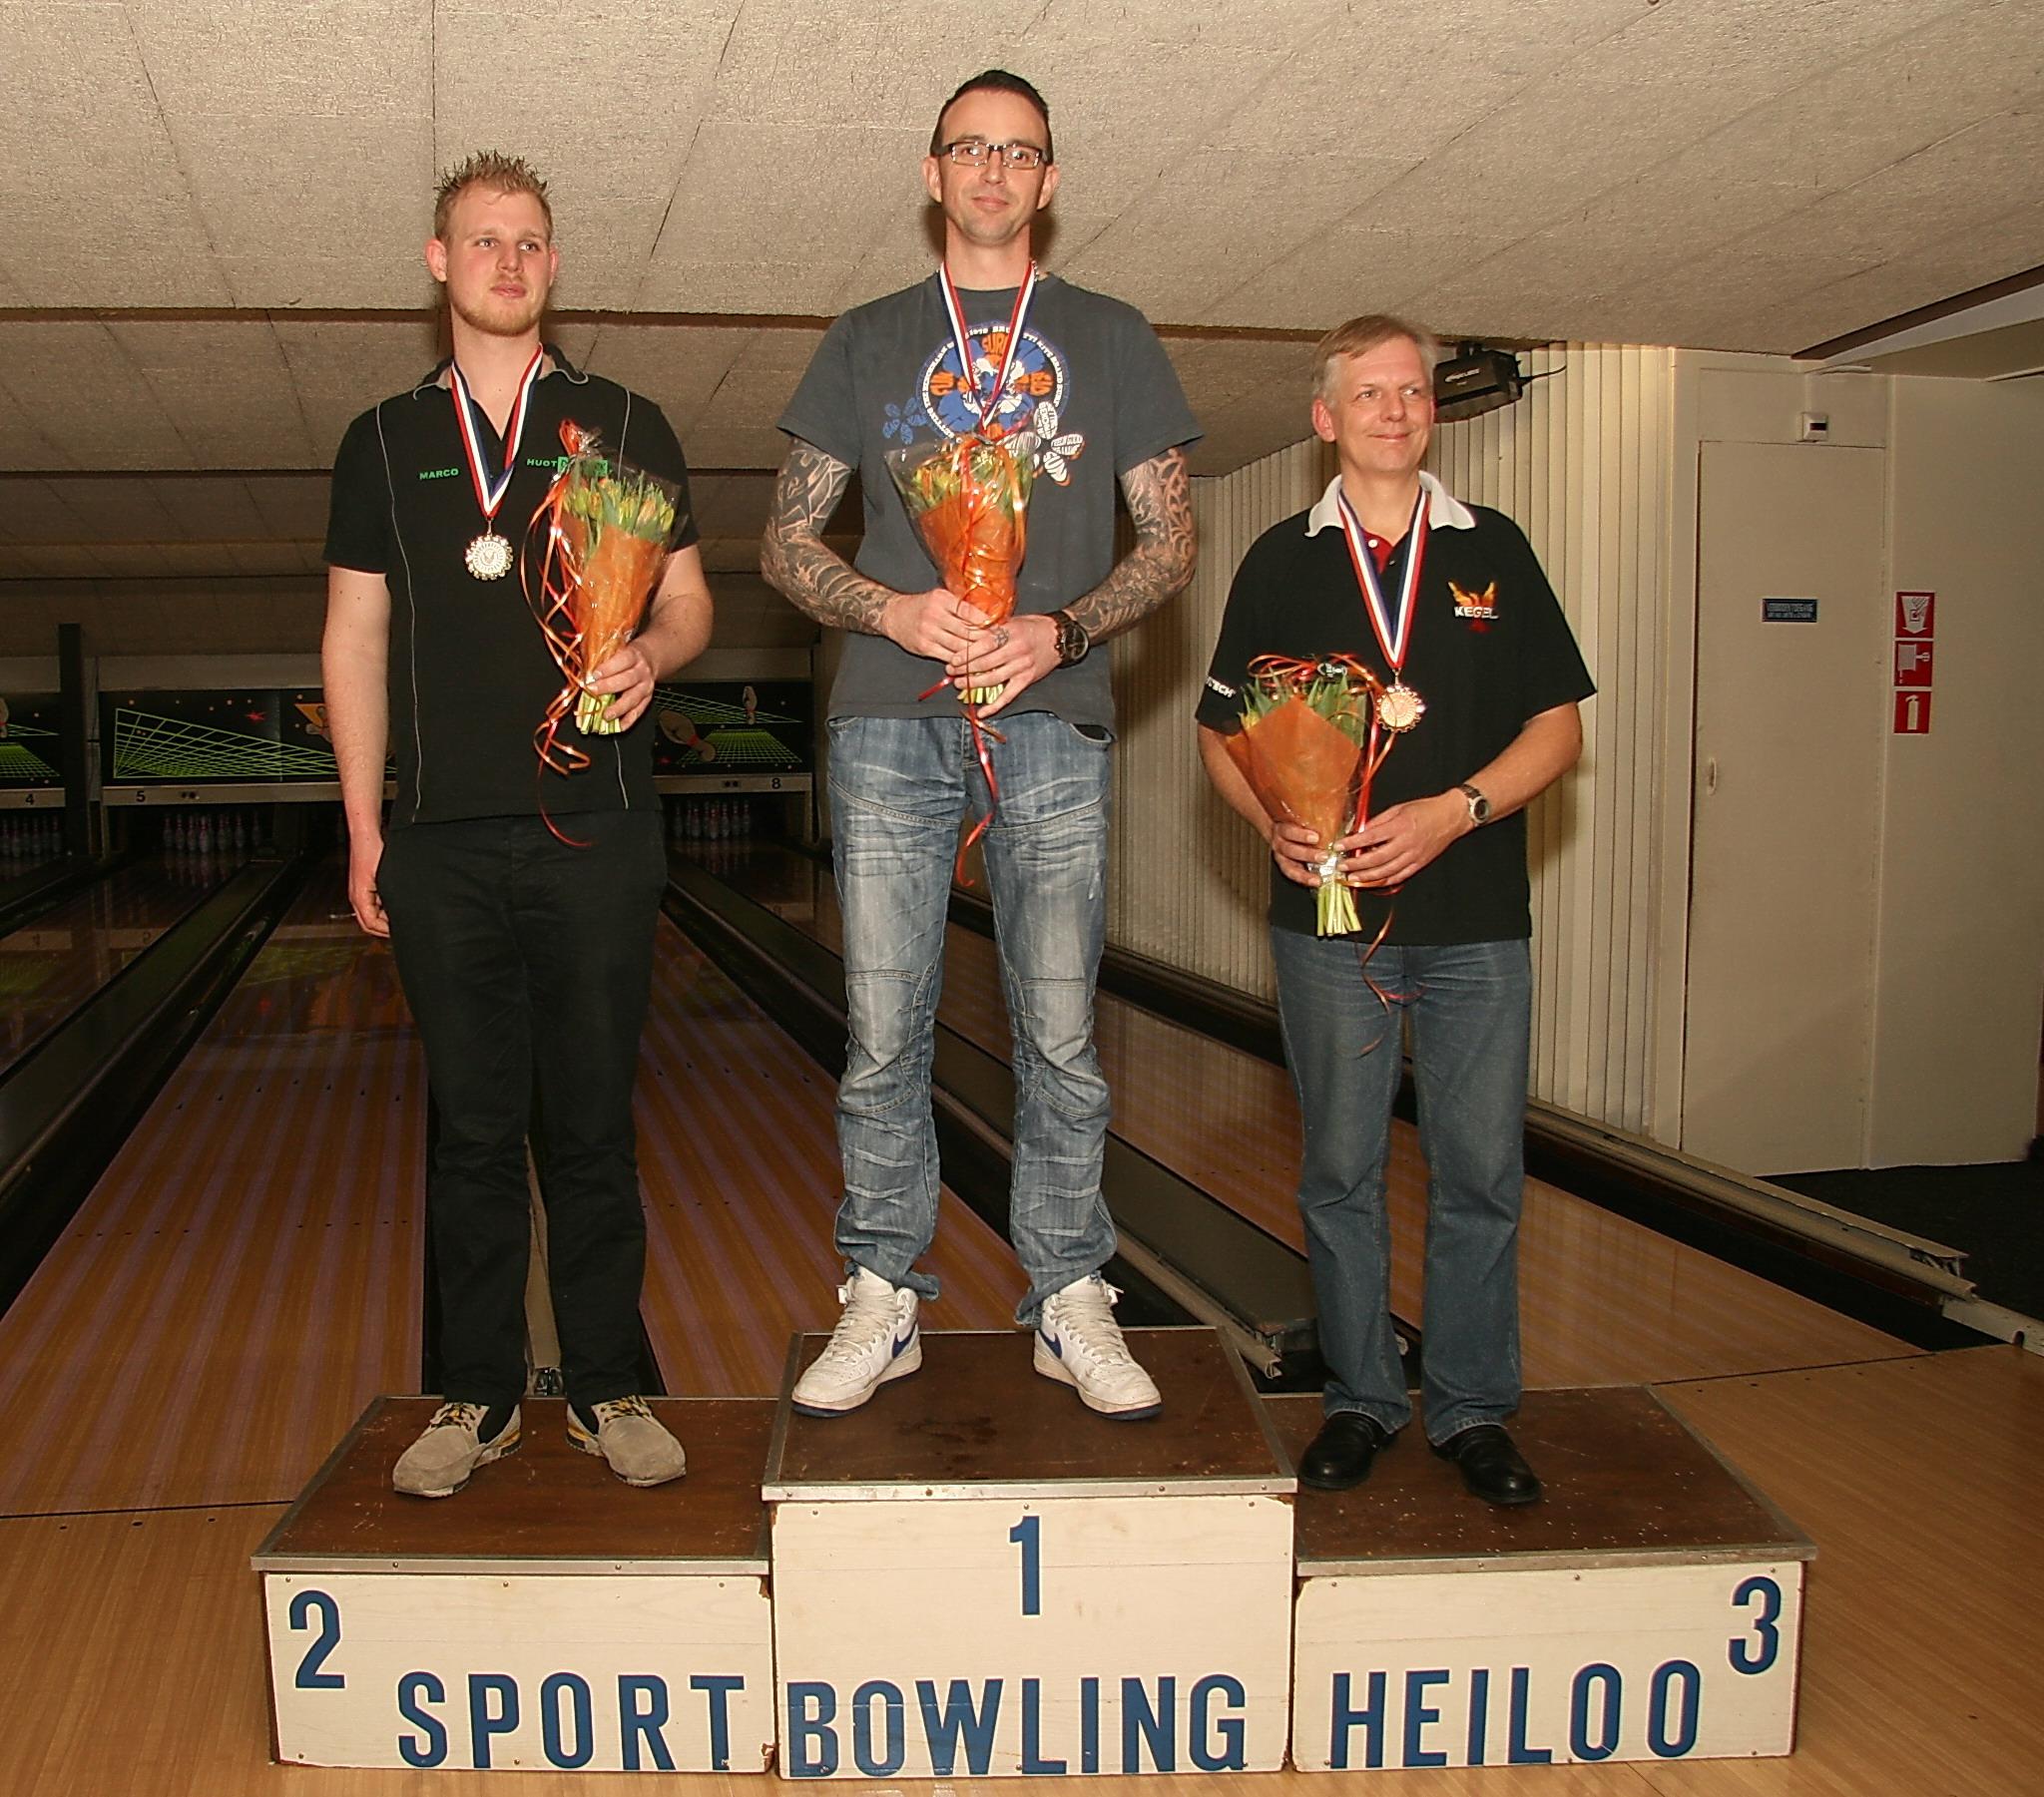 http://www.bowlingverenigingheiloo.nl/fotos_verhalen/foto's/2013_0214-Ver.kamp-Heren-A.jpg